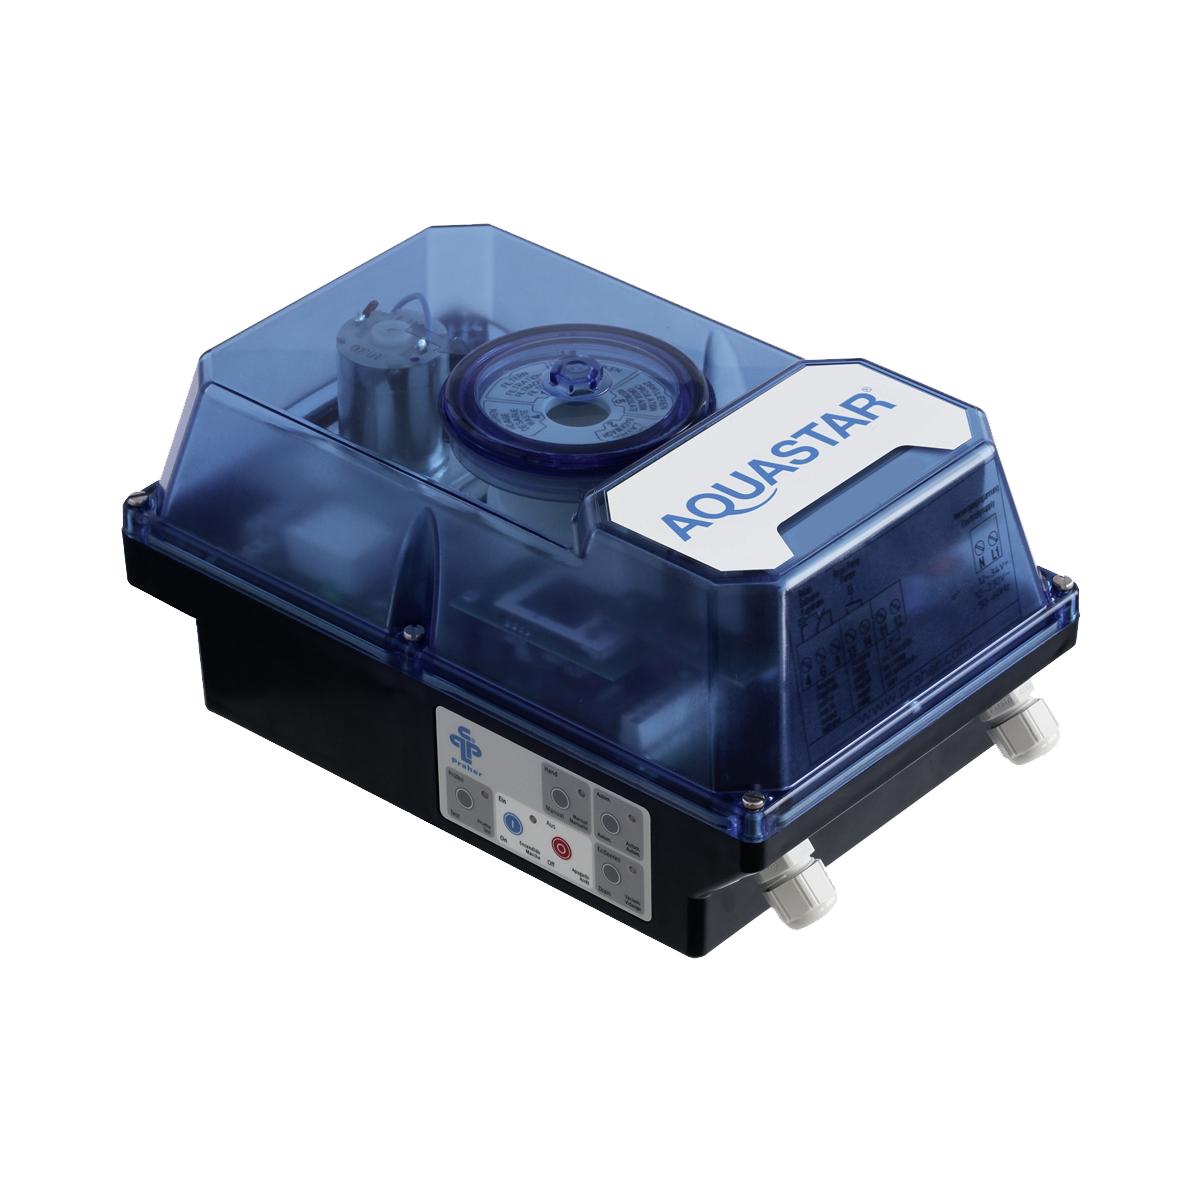 """AquaStar Comfort 3001-230 für Ocean V6 ND 1 1/2"""" + 2"""" 100-240 VAC, Zeit-Uhr AquaStar Comfort 3001-230 für Ocean V6 ND 1 1/2"""" + 2"""" 100-240 VAC, Zeit-Uhr"""